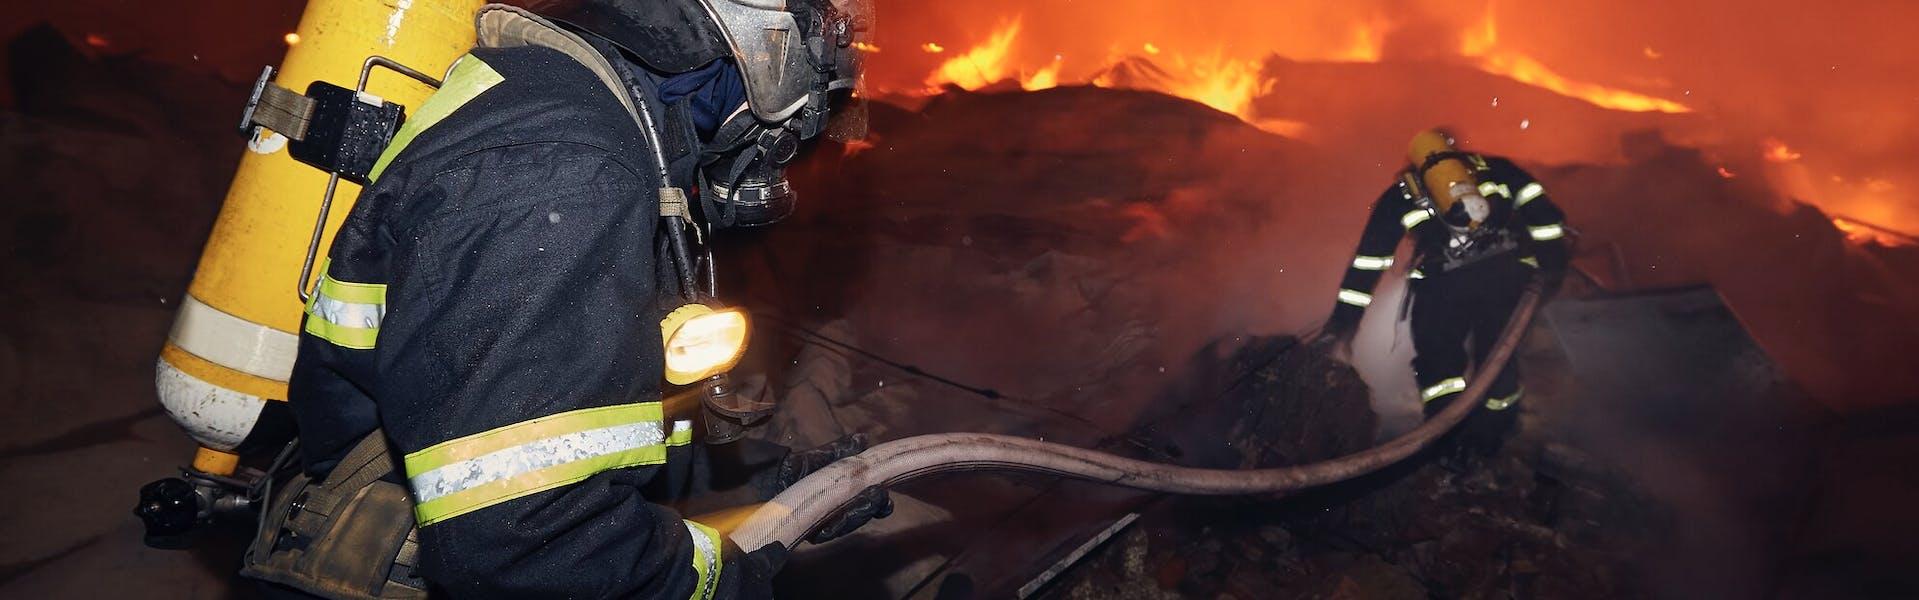 Boka en leverantör inom brand- och räddningstjänst